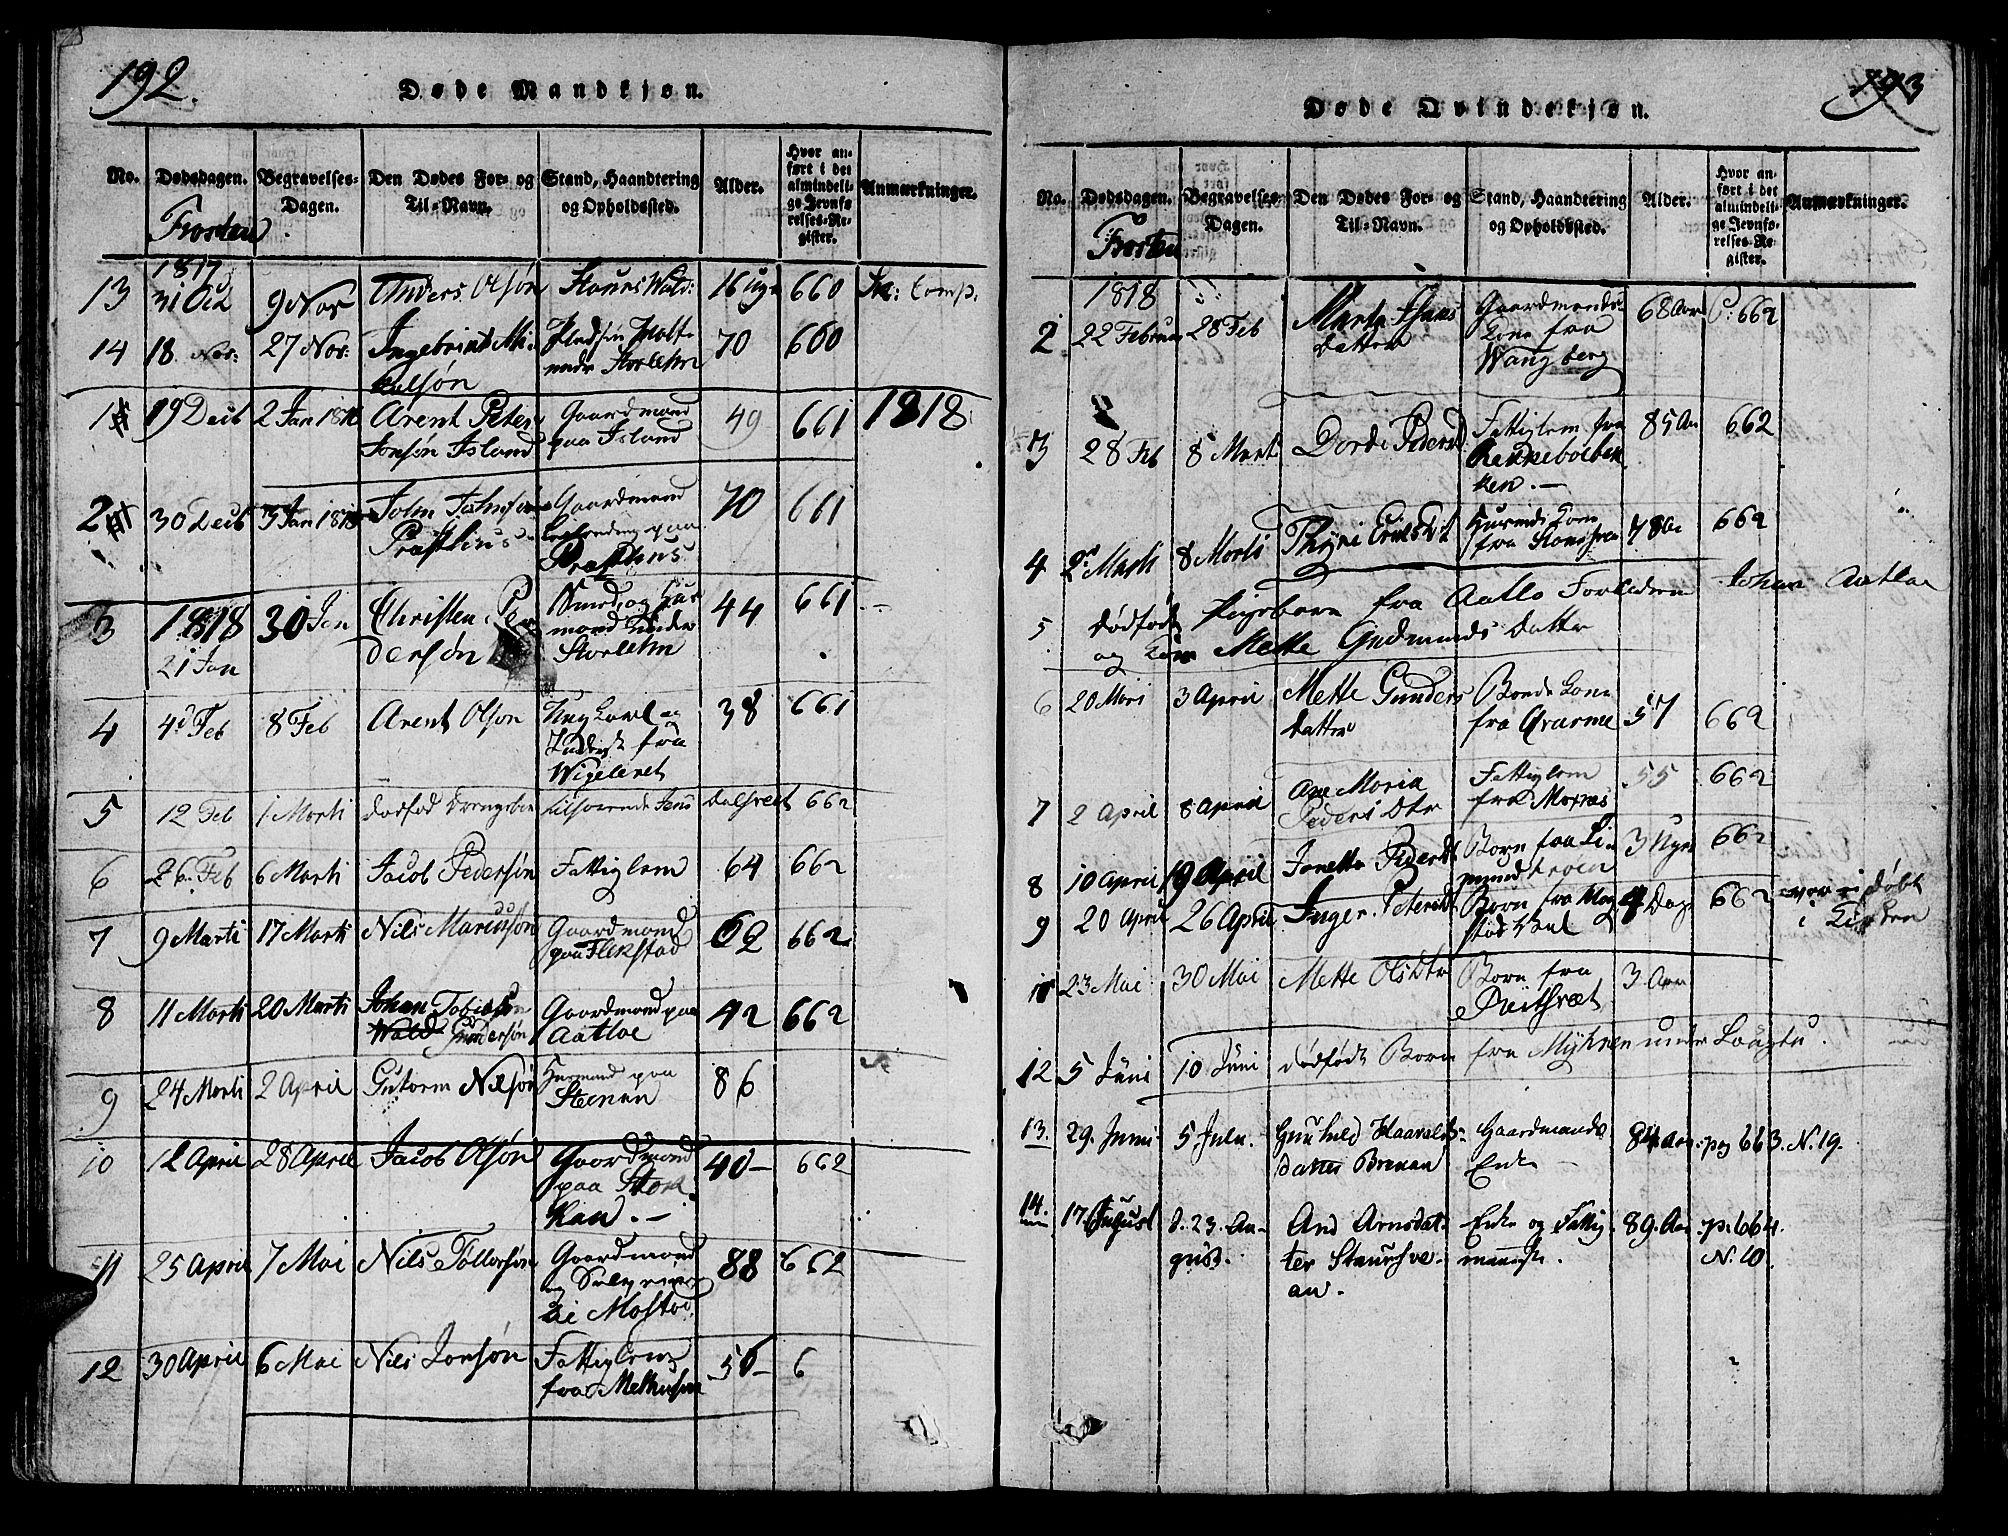 SAT, Ministerialprotokoller, klokkerbøker og fødselsregistre - Nord-Trøndelag, 713/L0112: Ministerialbok nr. 713A04 /1, 1817-1827, s. 192-193